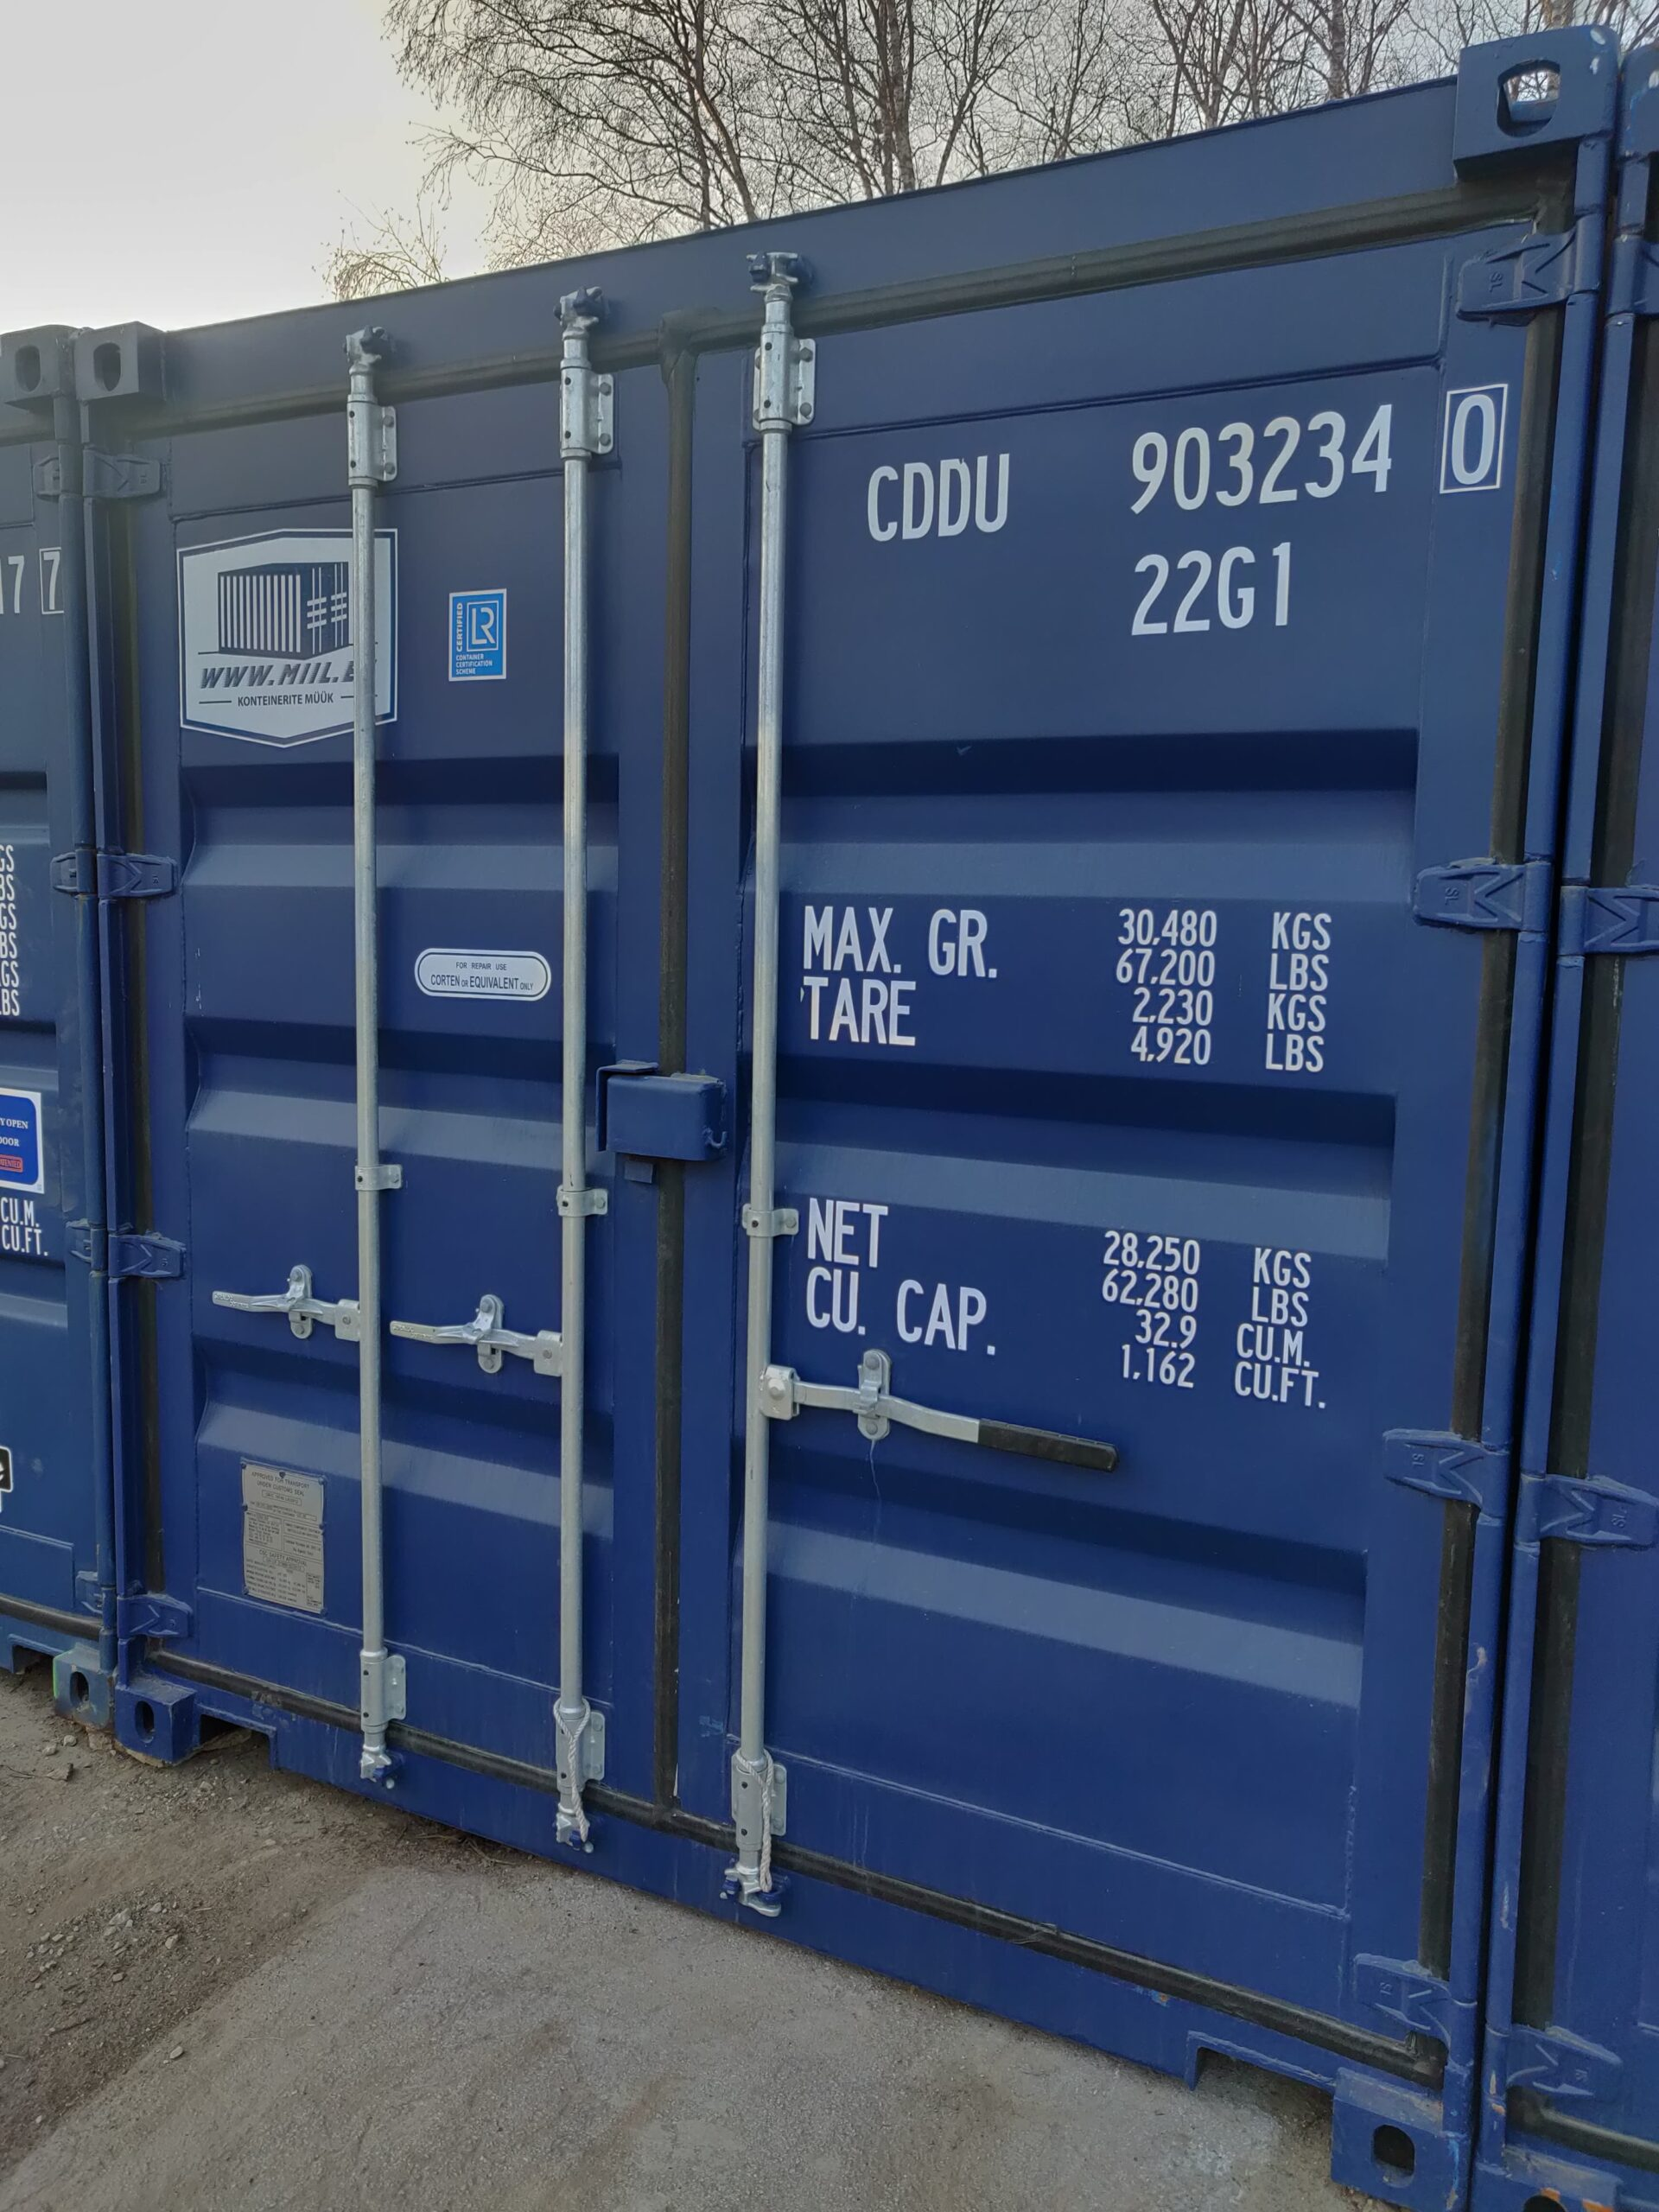 Uus konteinerladu NR 23 – CDDU9032340